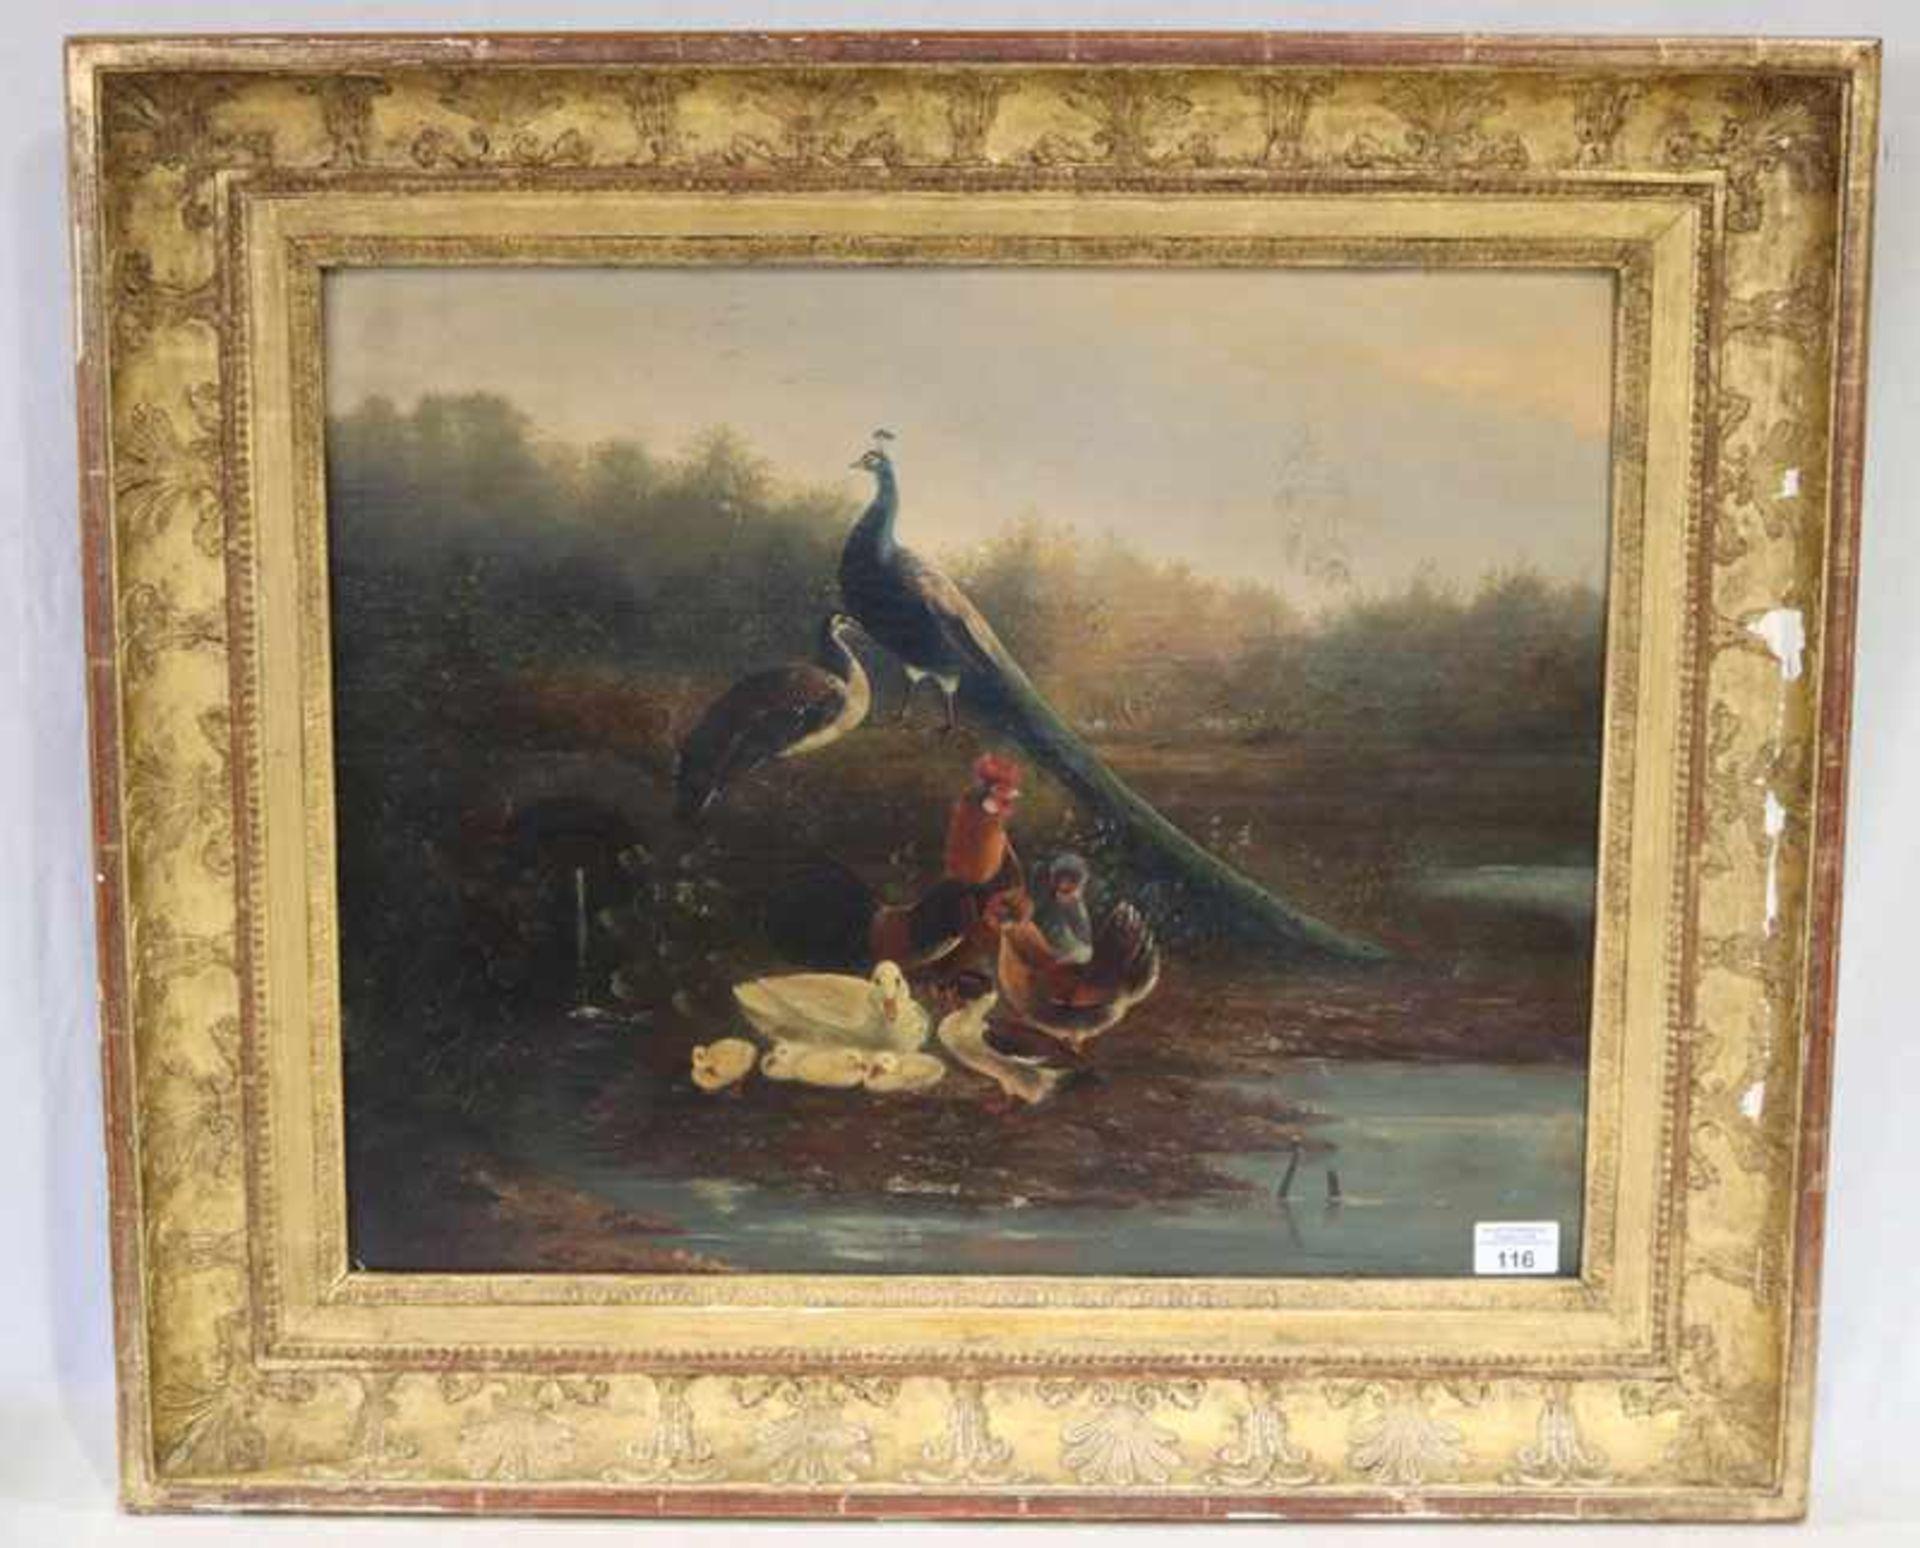 Gemälde ÖL/Hartfaser 'Federvieh am Wasser', signiert Knipp, Bildoberfläche teils beschädigt,